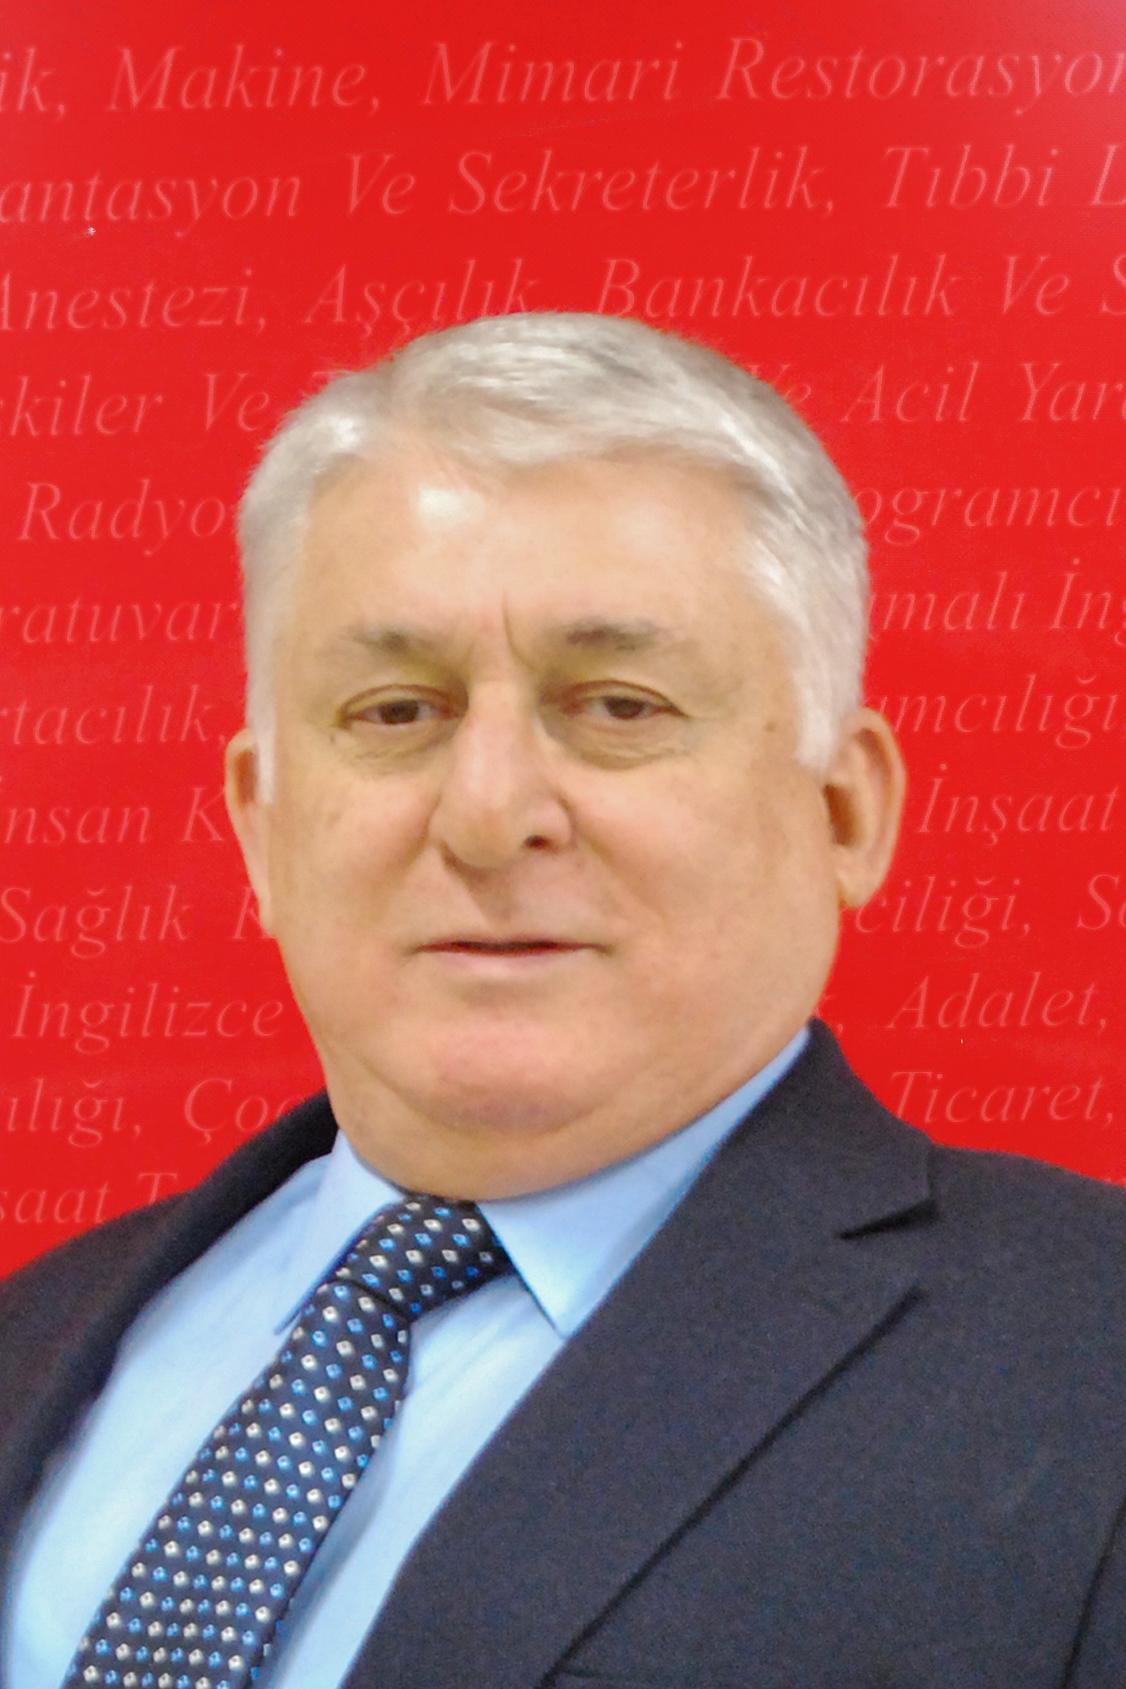 Kamil Uslu